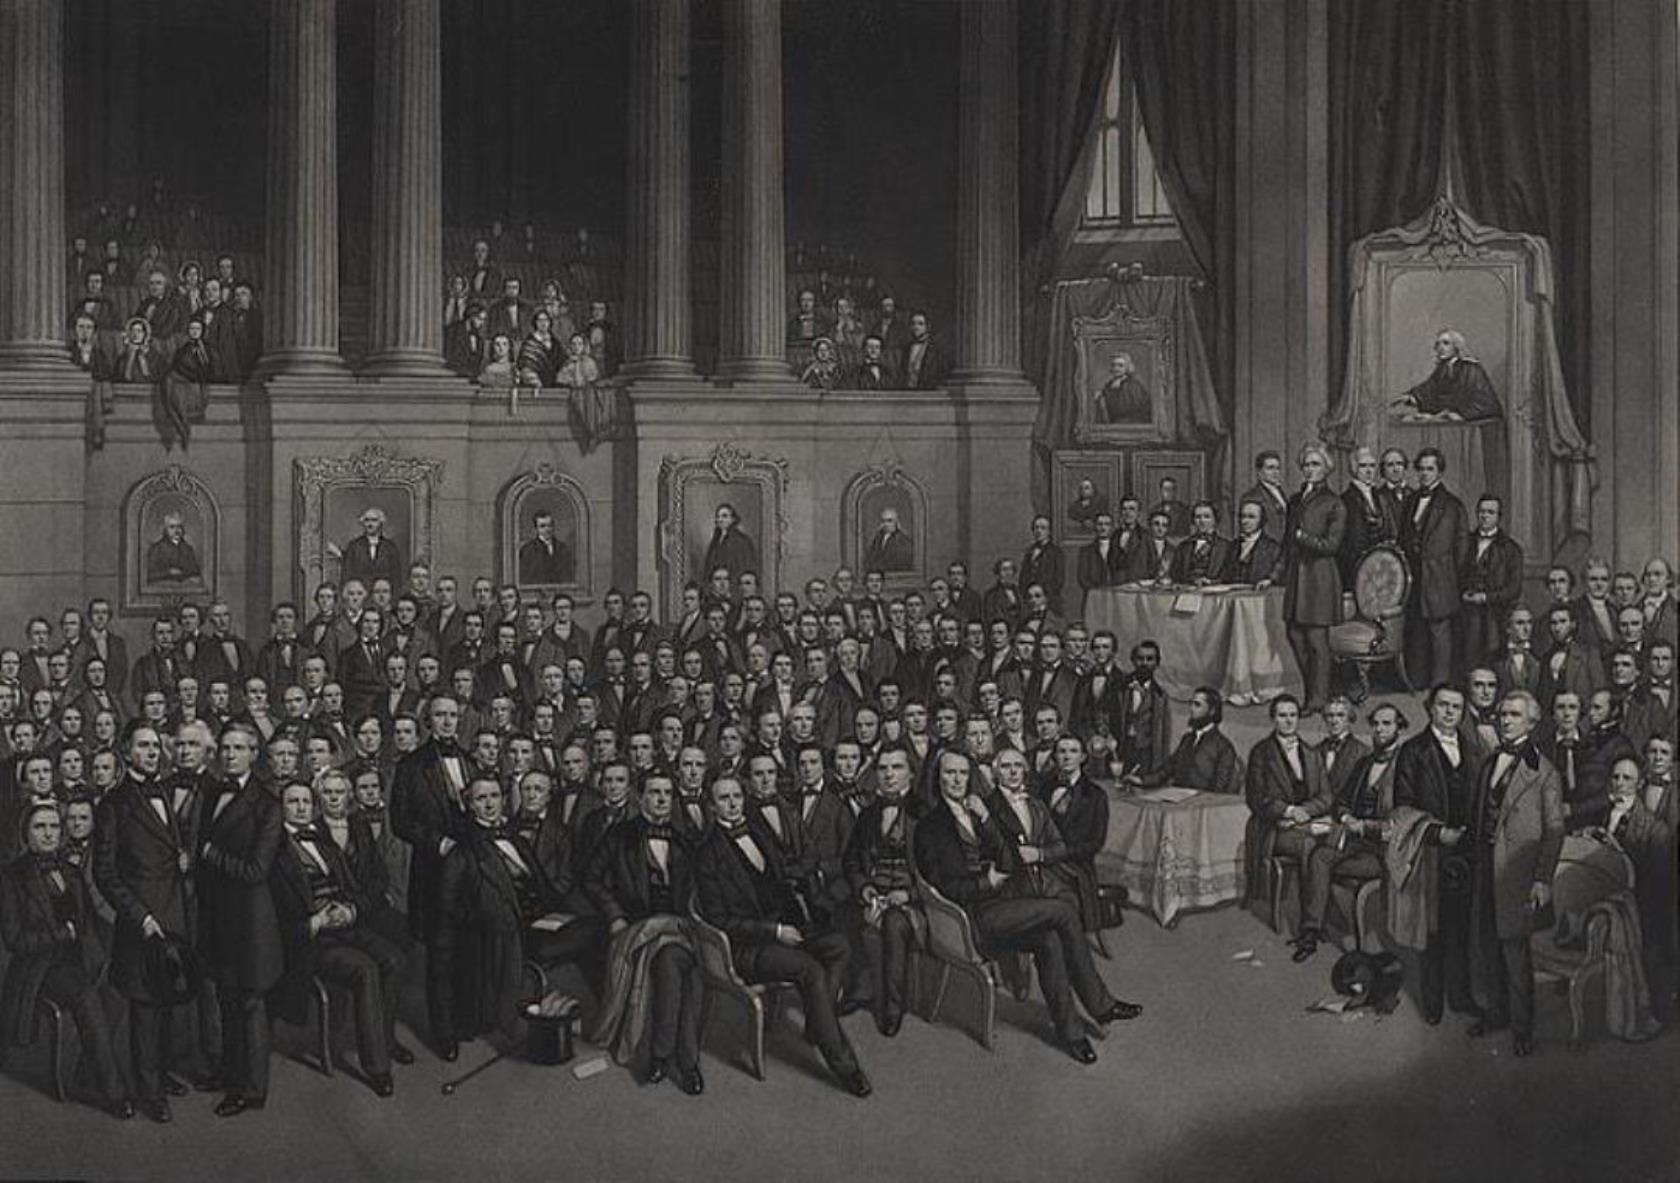 1858년 5월 테네시주 내쉬빌에서 열린 남감리교회 총회 모습. 사진 출처, 미국 의회 도서관 LC-DIG-ppmsca-07829.